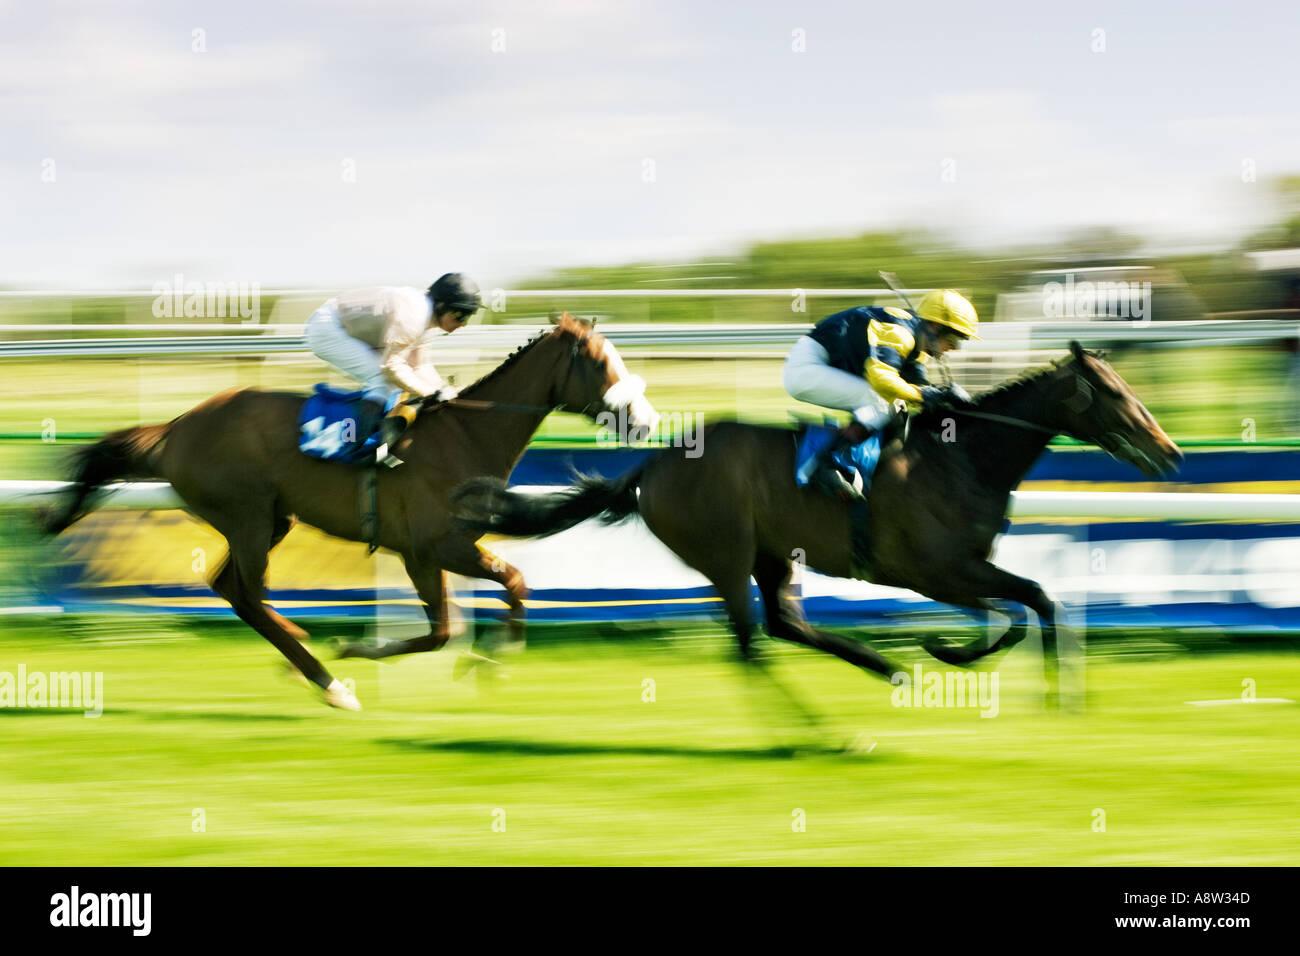 Horse Racing - in corsa verso il traguardo Immagini Stock